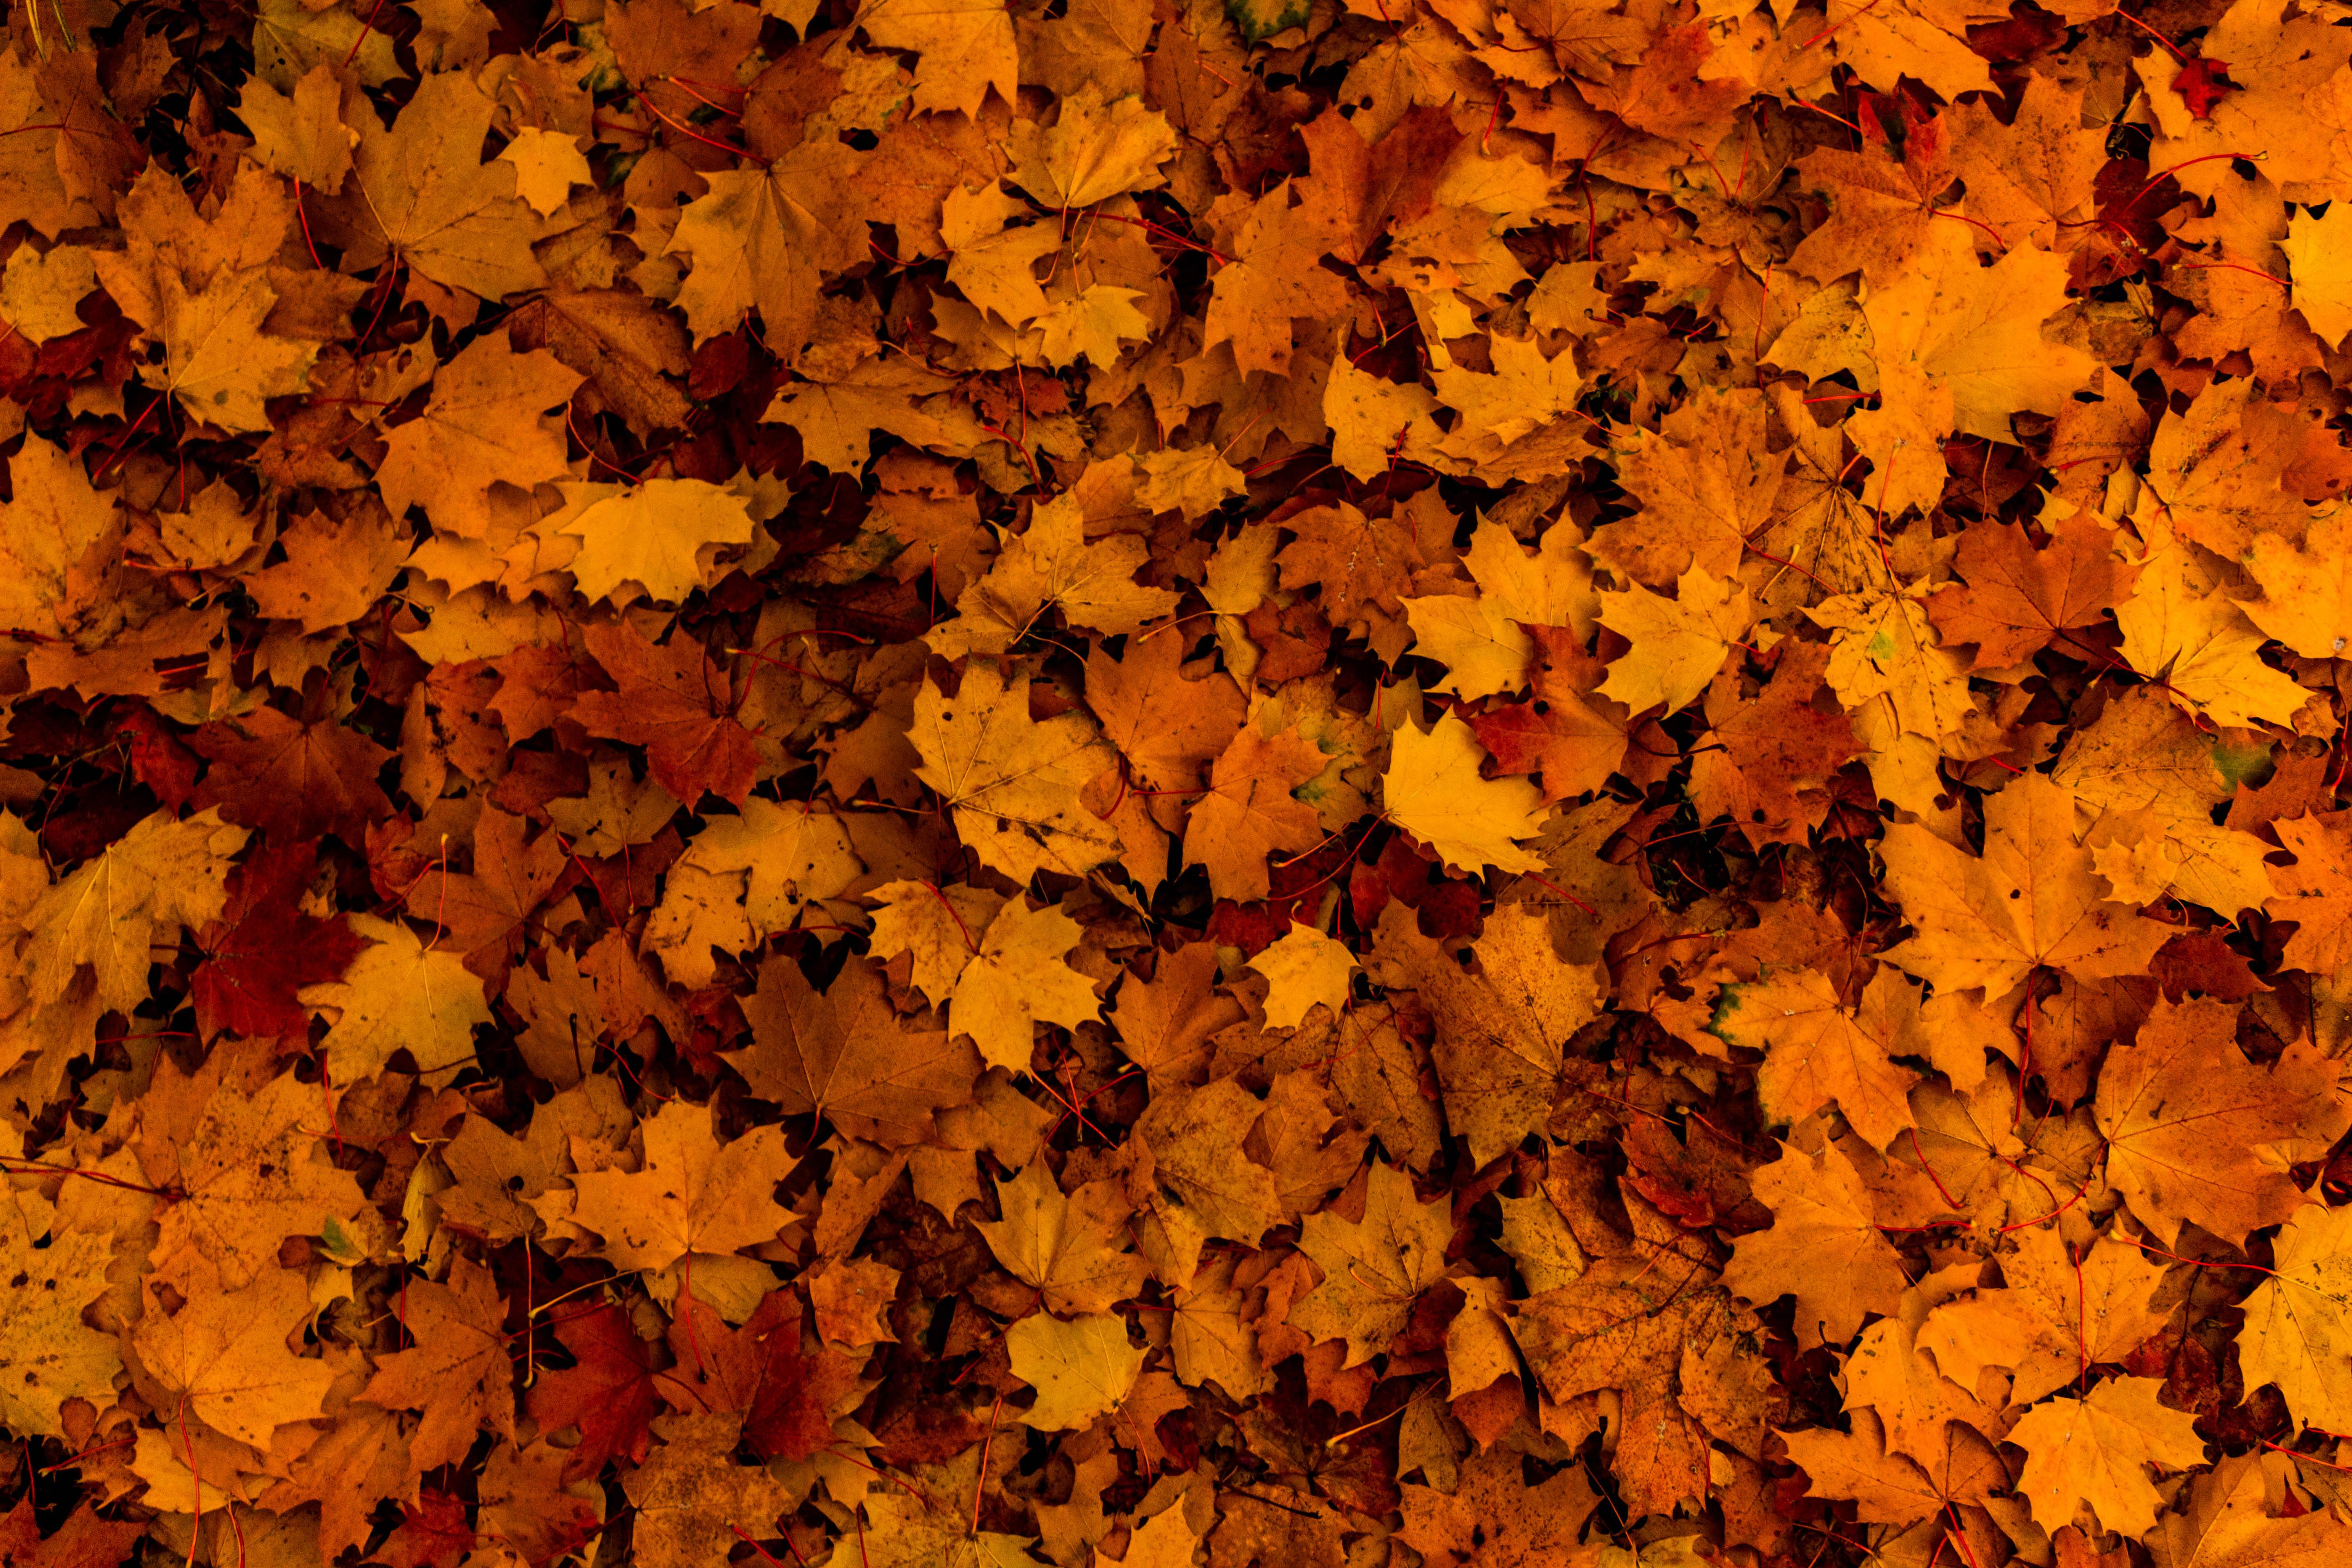 121498 Lade kostenlos Gelb Hintergrundbilder für dein Handy herunter, Natur, Herbst, Blätter Gelb Bilder und Bildschirmschoner für dein Handy